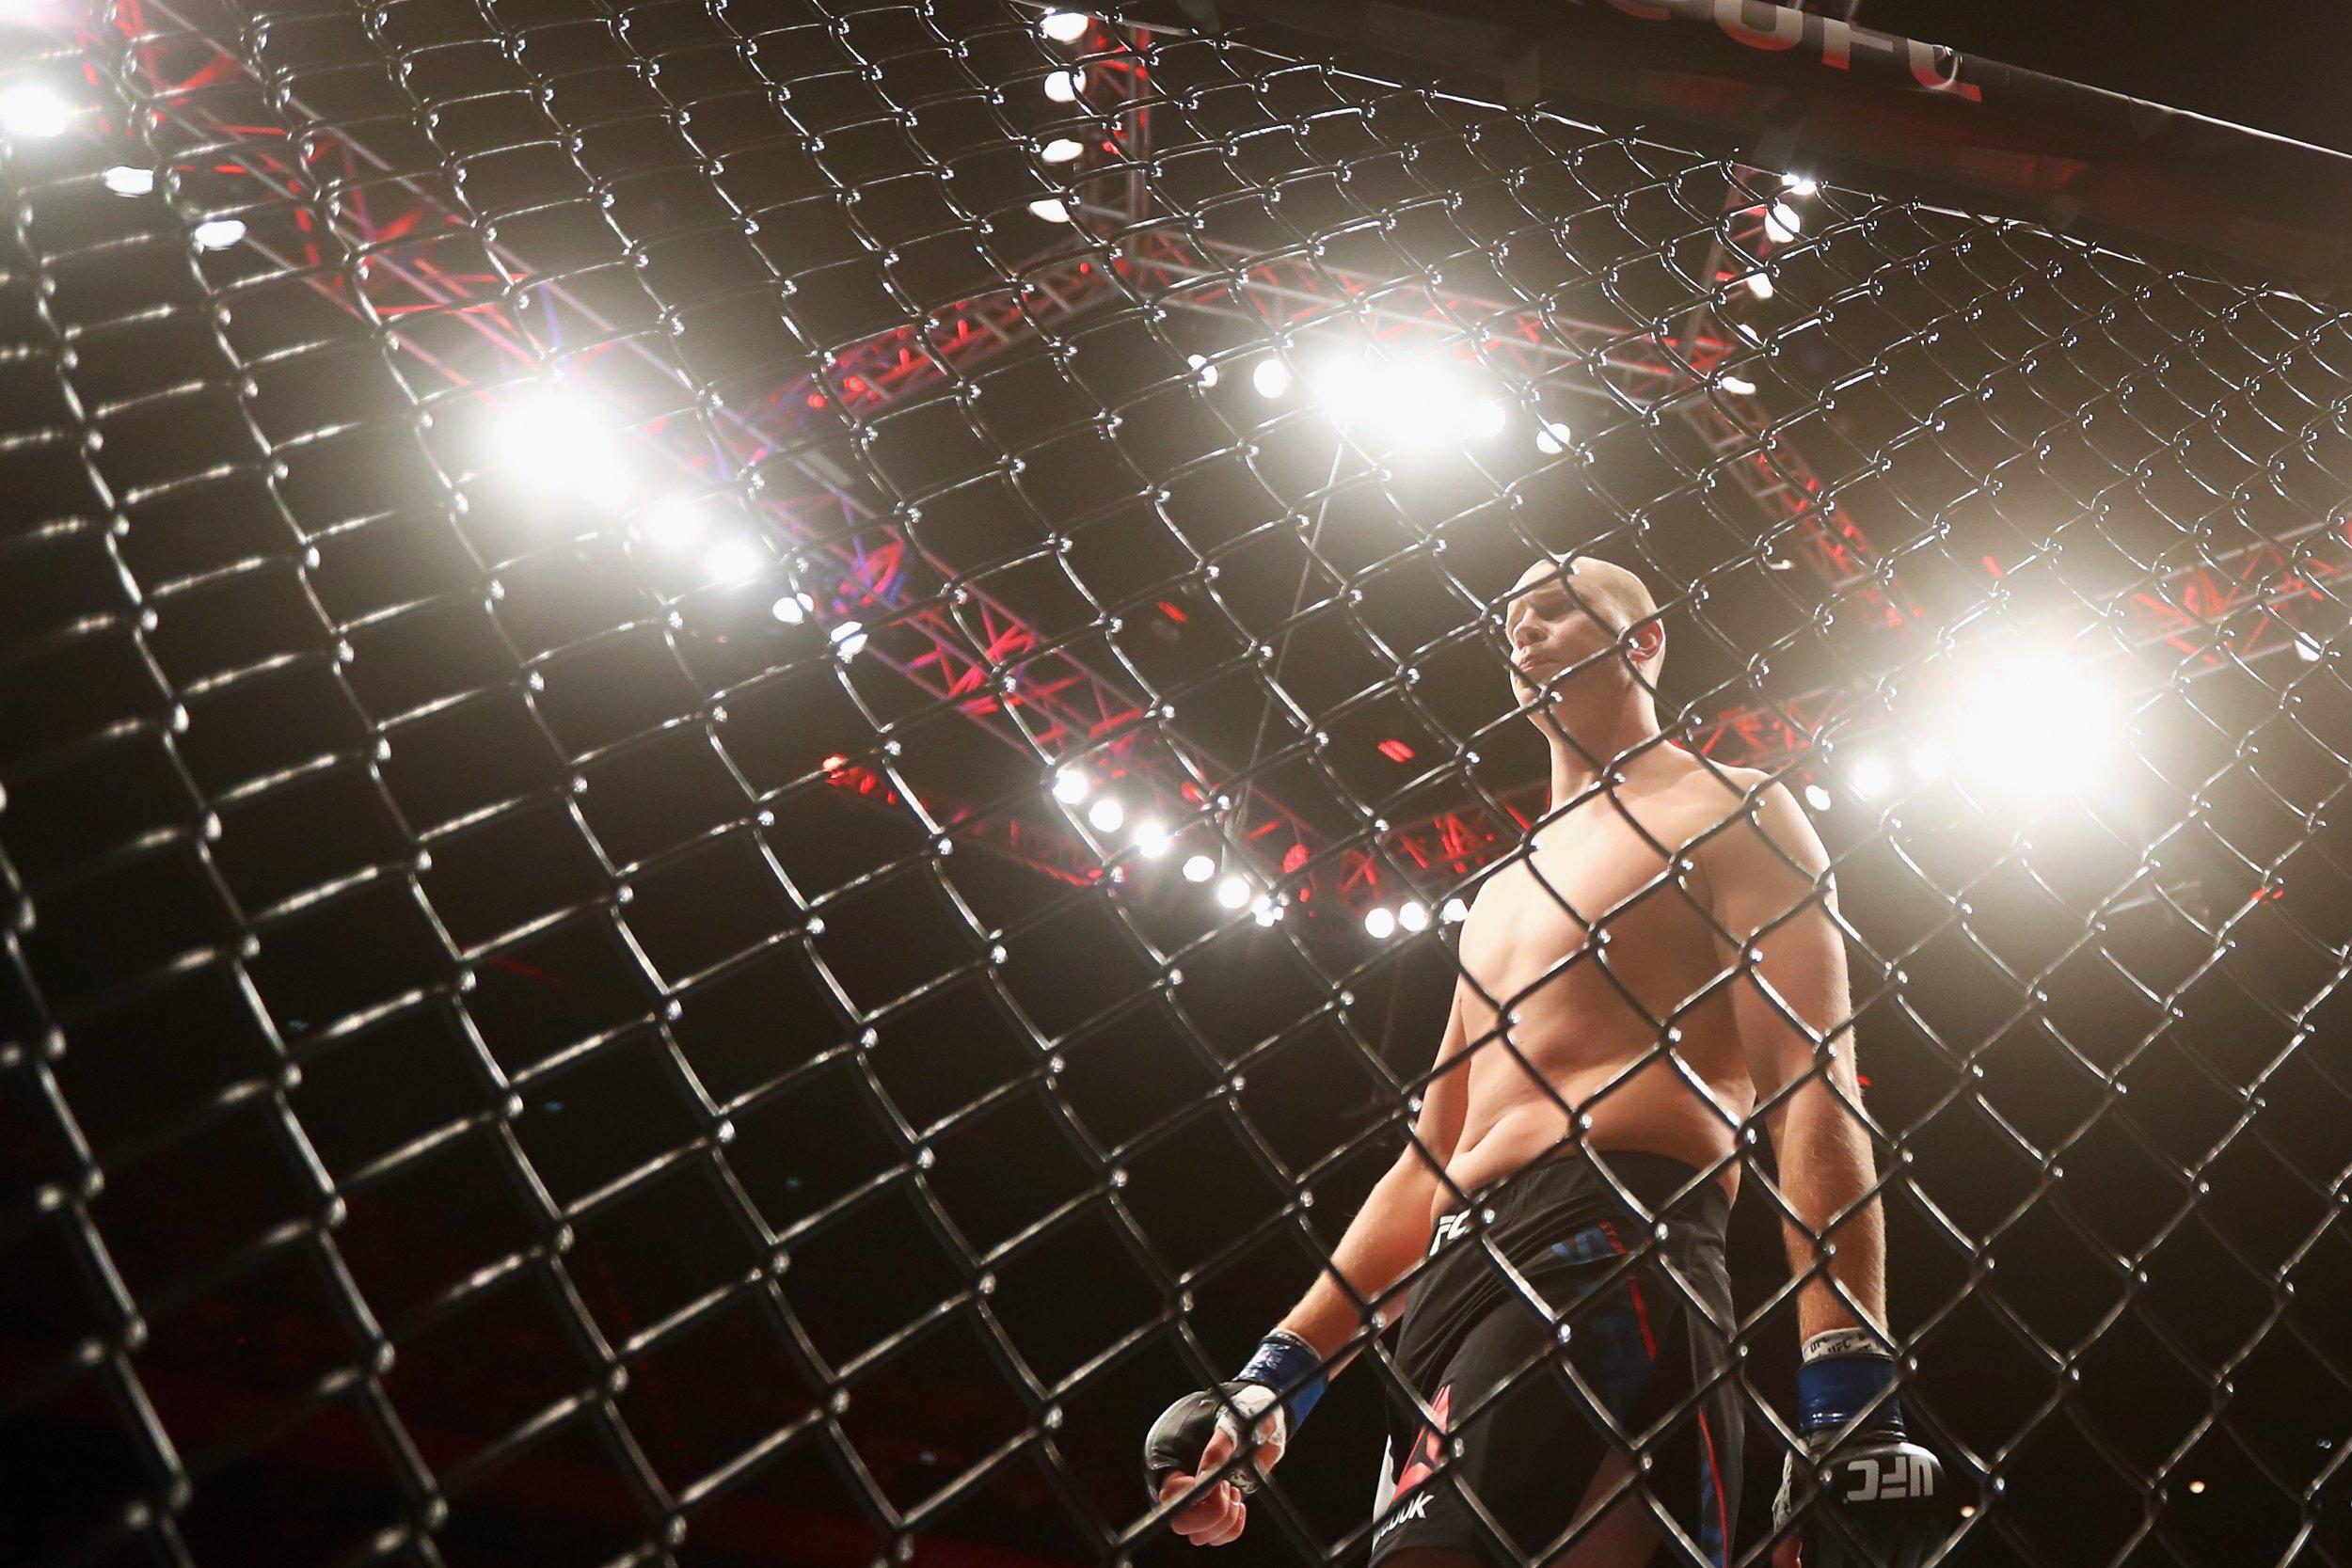 UFC fighter Stefan Struve.